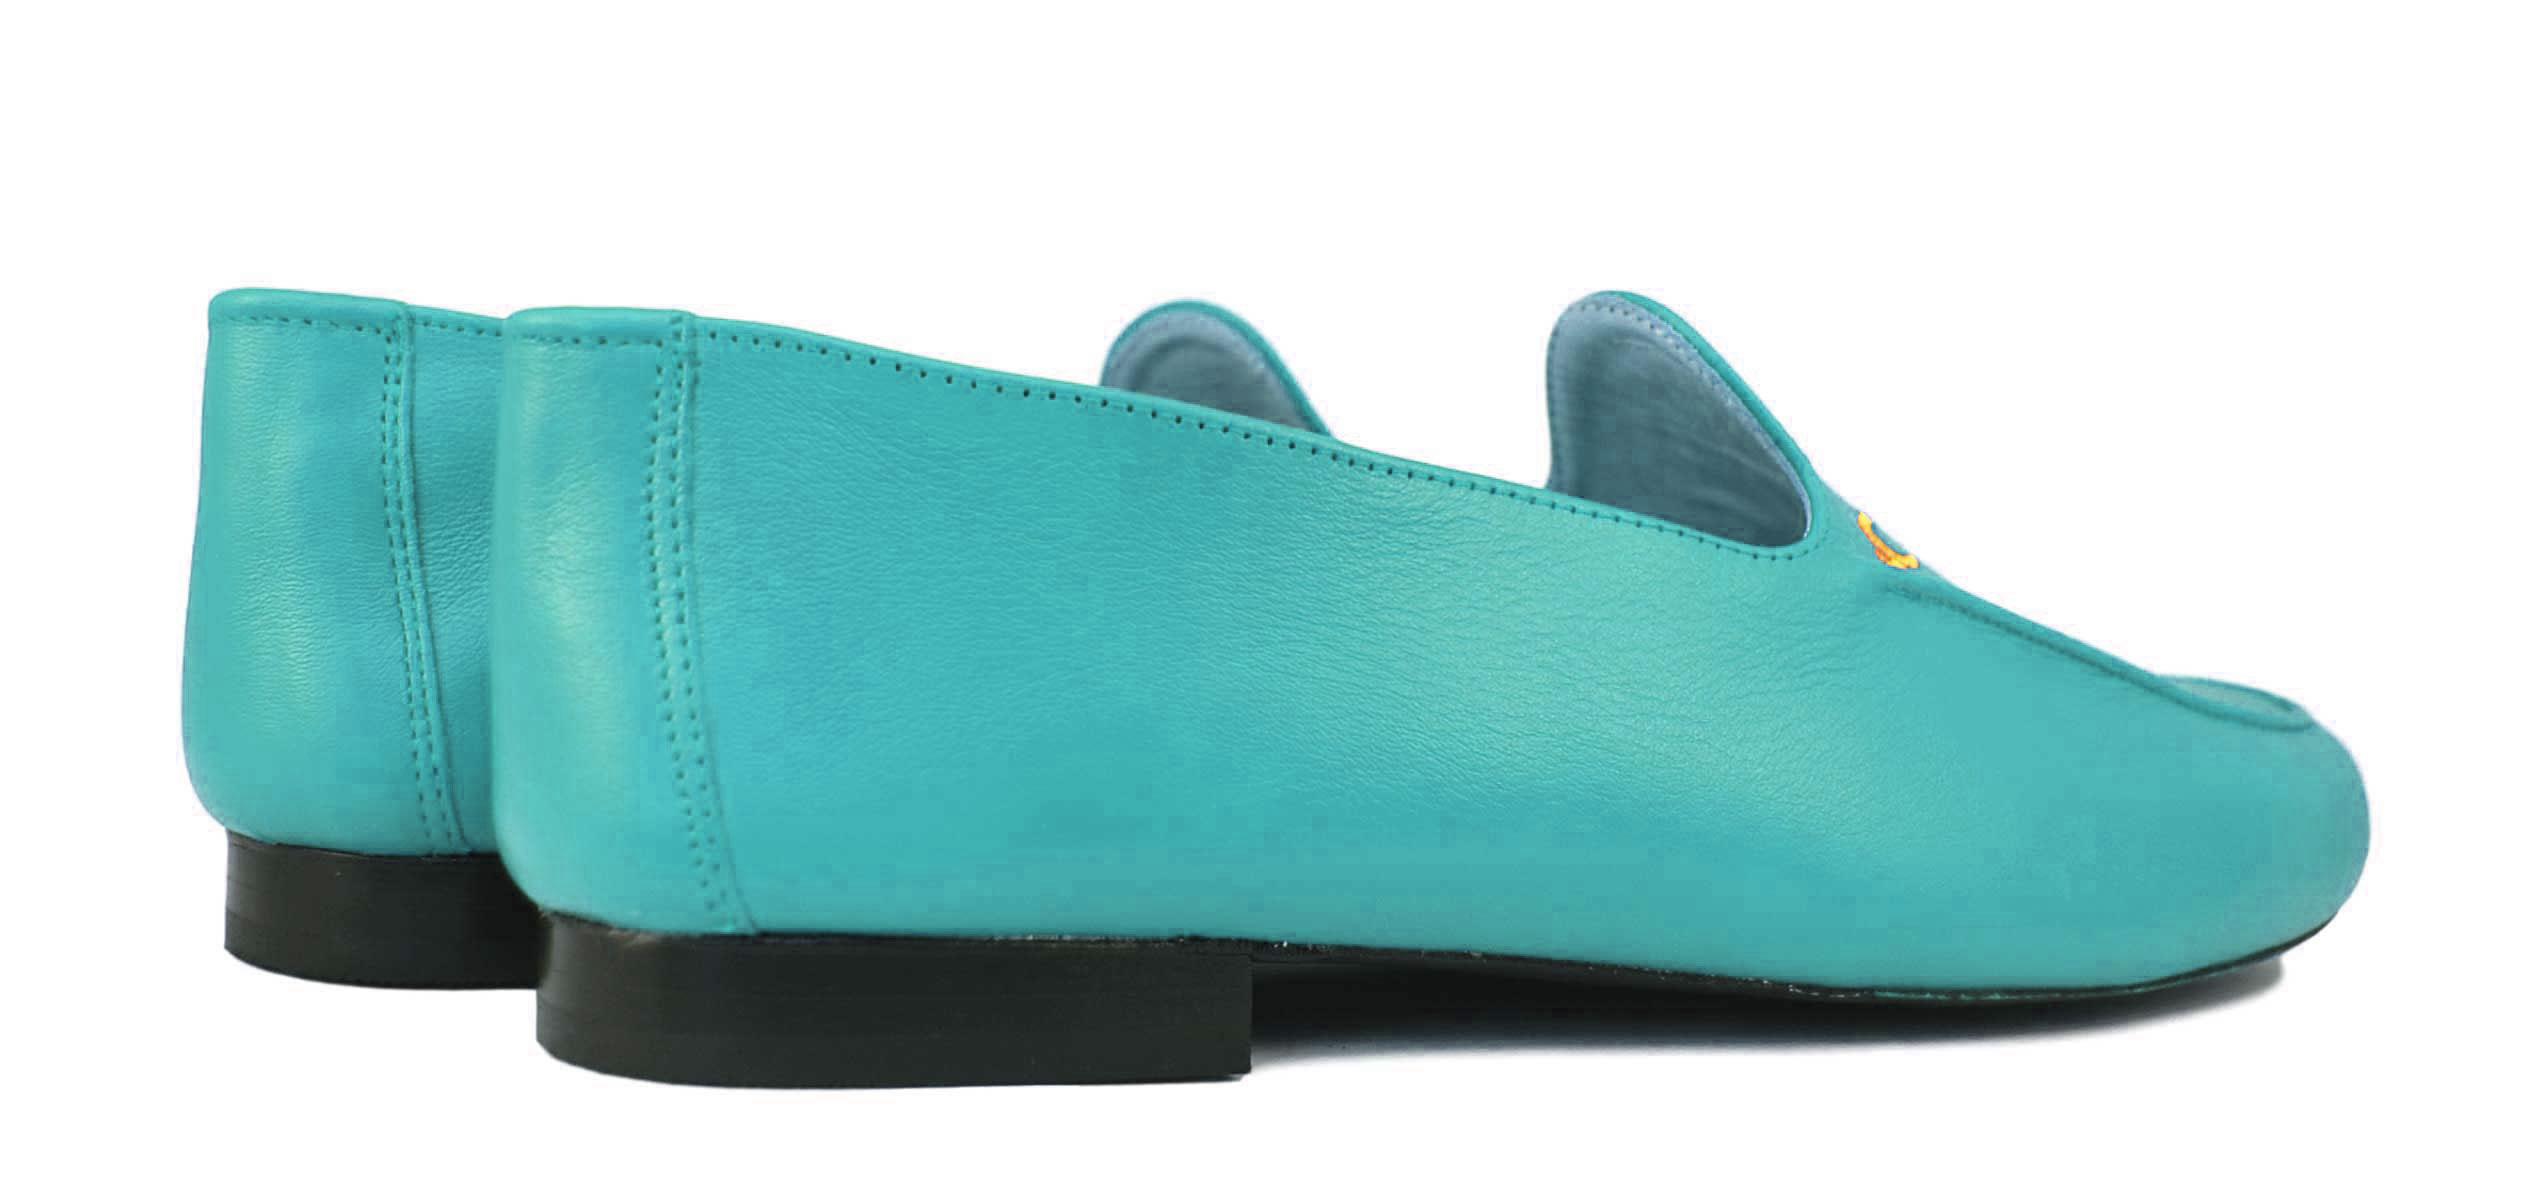 Foto 4 de Zapatos Julio Iglesias 528 JC Aqua Napa